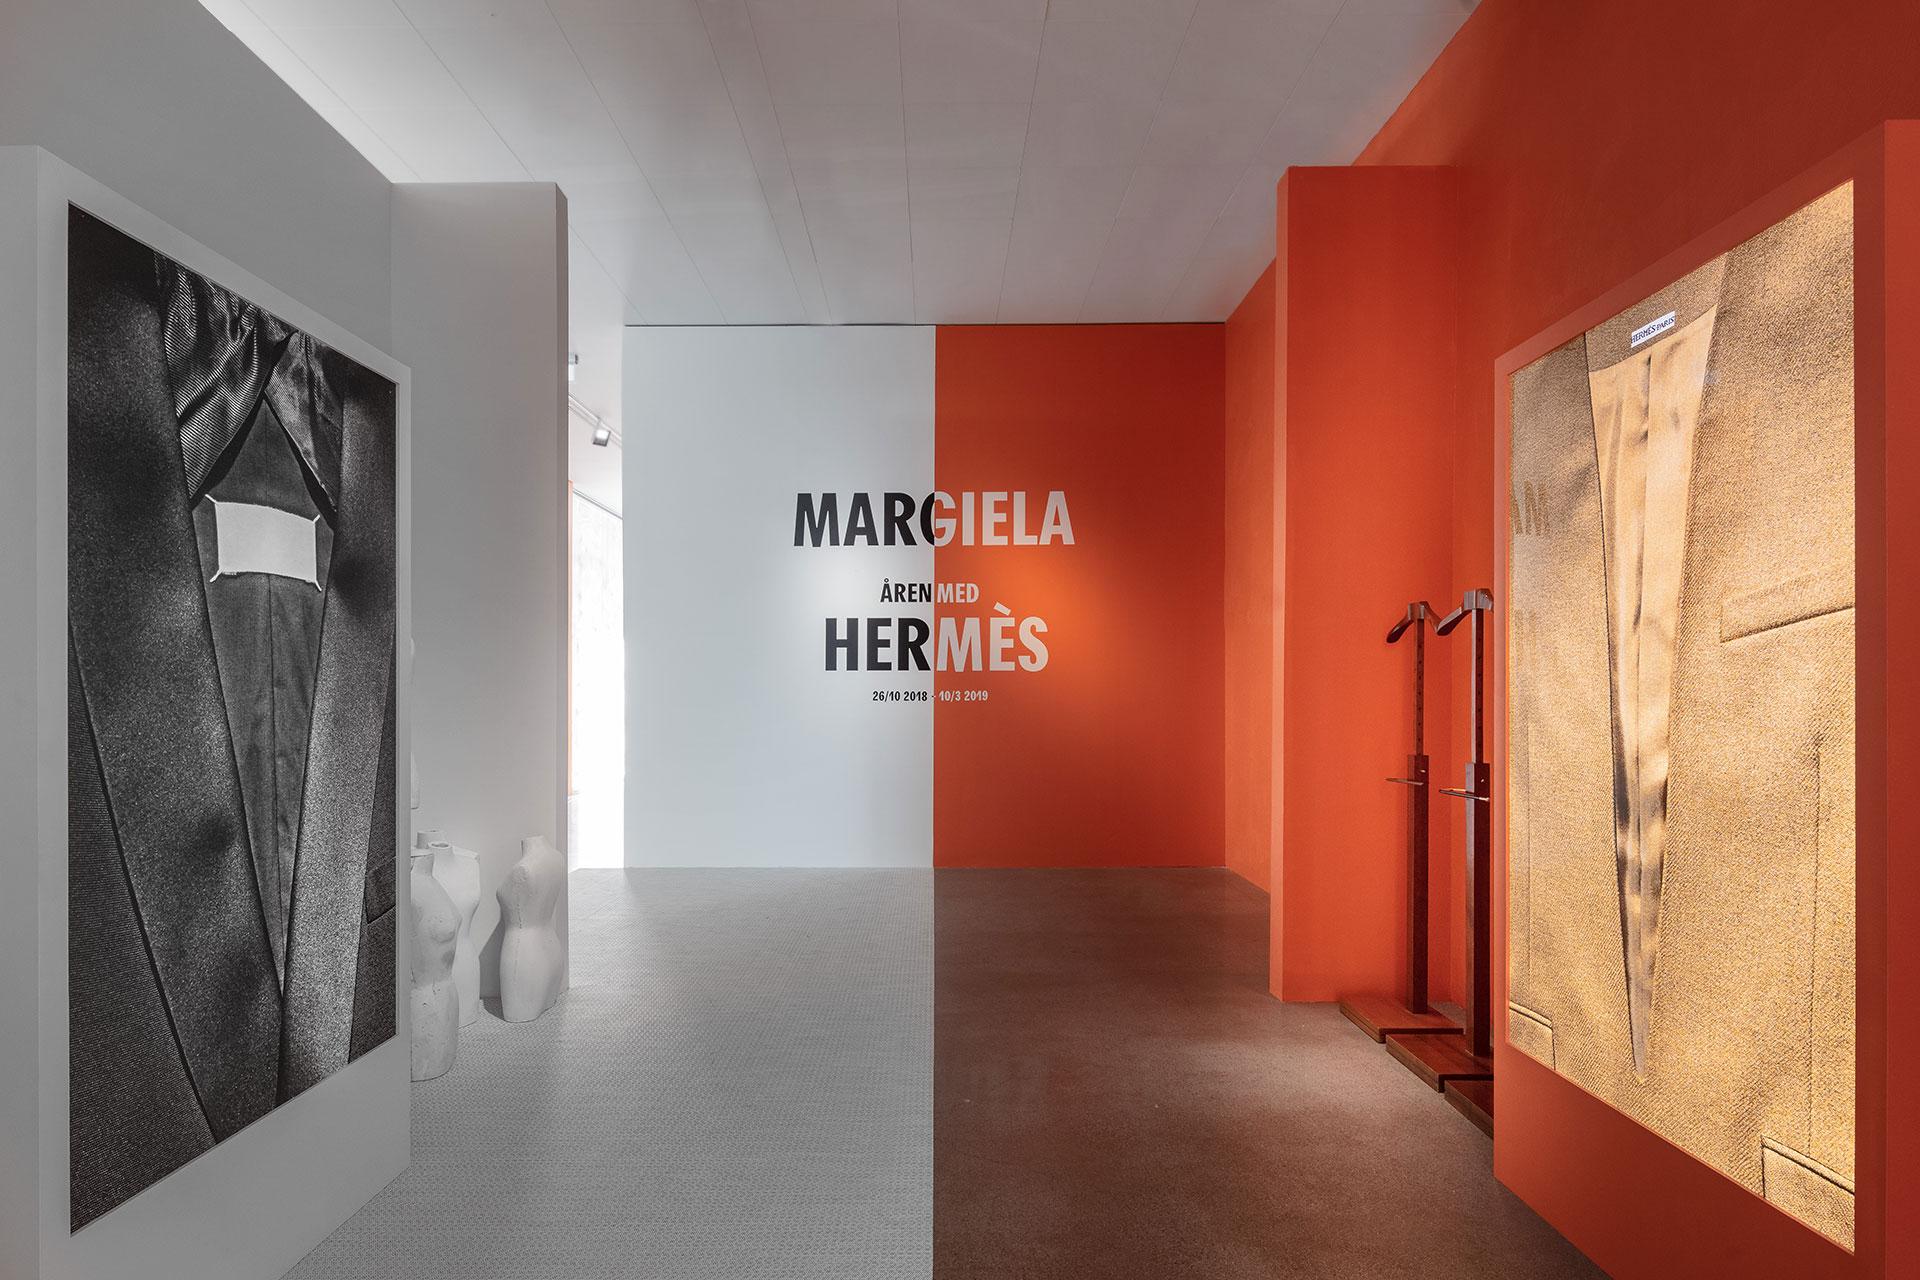 Margiela_Hermes_Bolon_Flooring_1.jpg